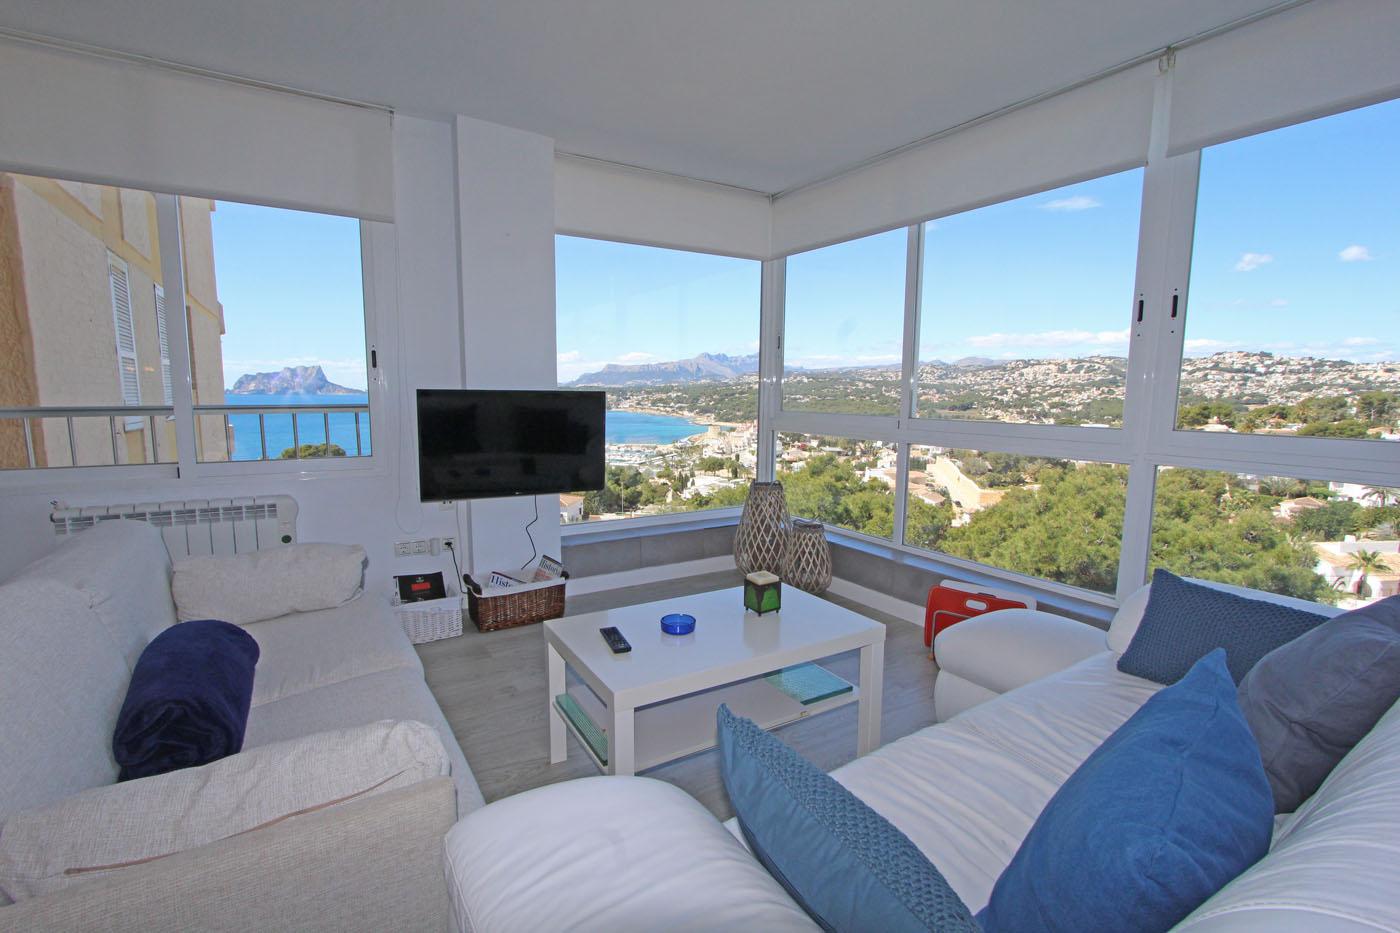 Apartamento Pili,Modern en gezellig appartement in Moraira, aan de Costa Blanca, Spanje voor 3 personen...